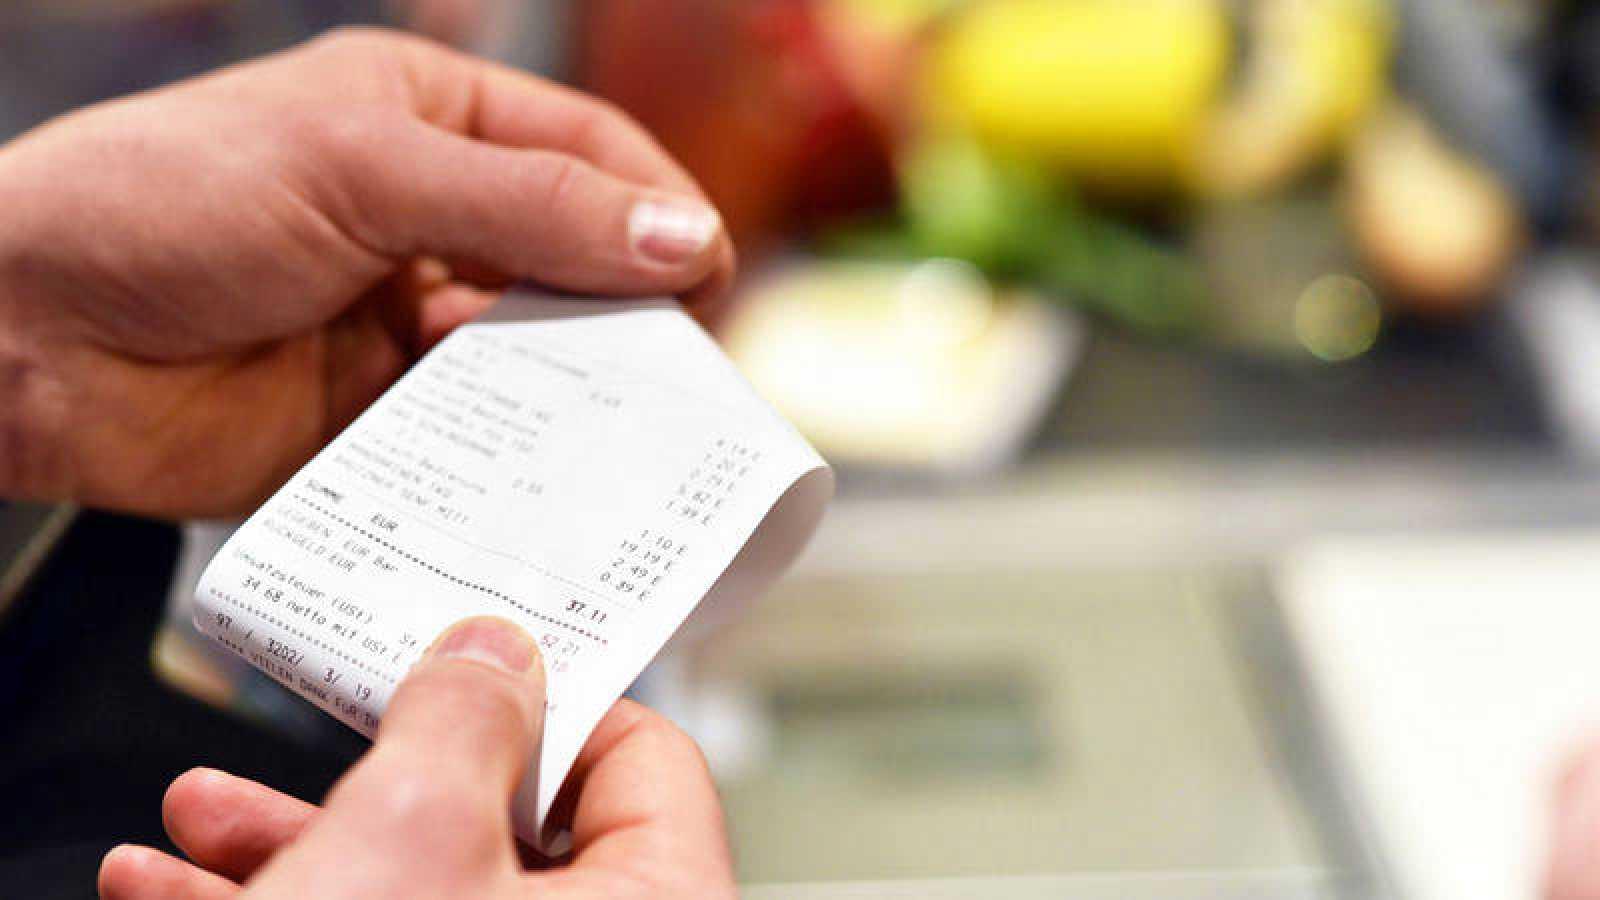 Los responsables del estudio científico recomiendan la mínima manipulación de los tiques de compra.